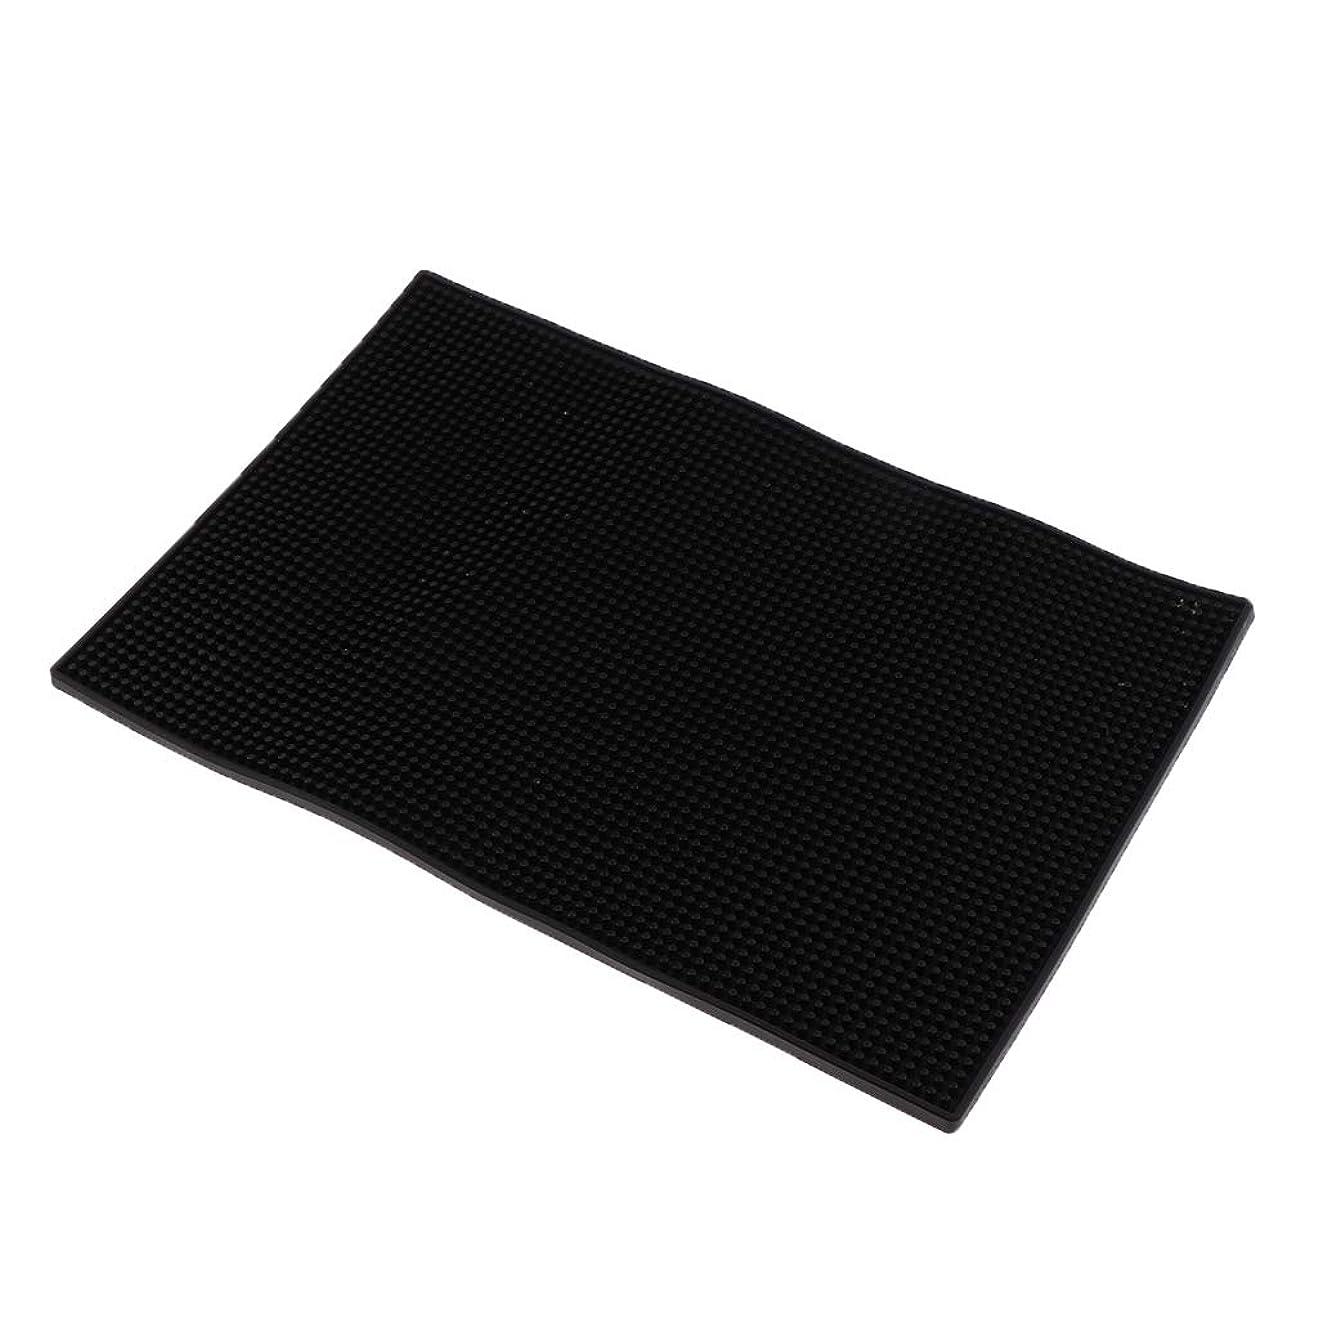 プロジェクター進む罪人F Fityle ネイルアートクッション ピロー シリコンマット マニキュアツール 全3色 - 黒